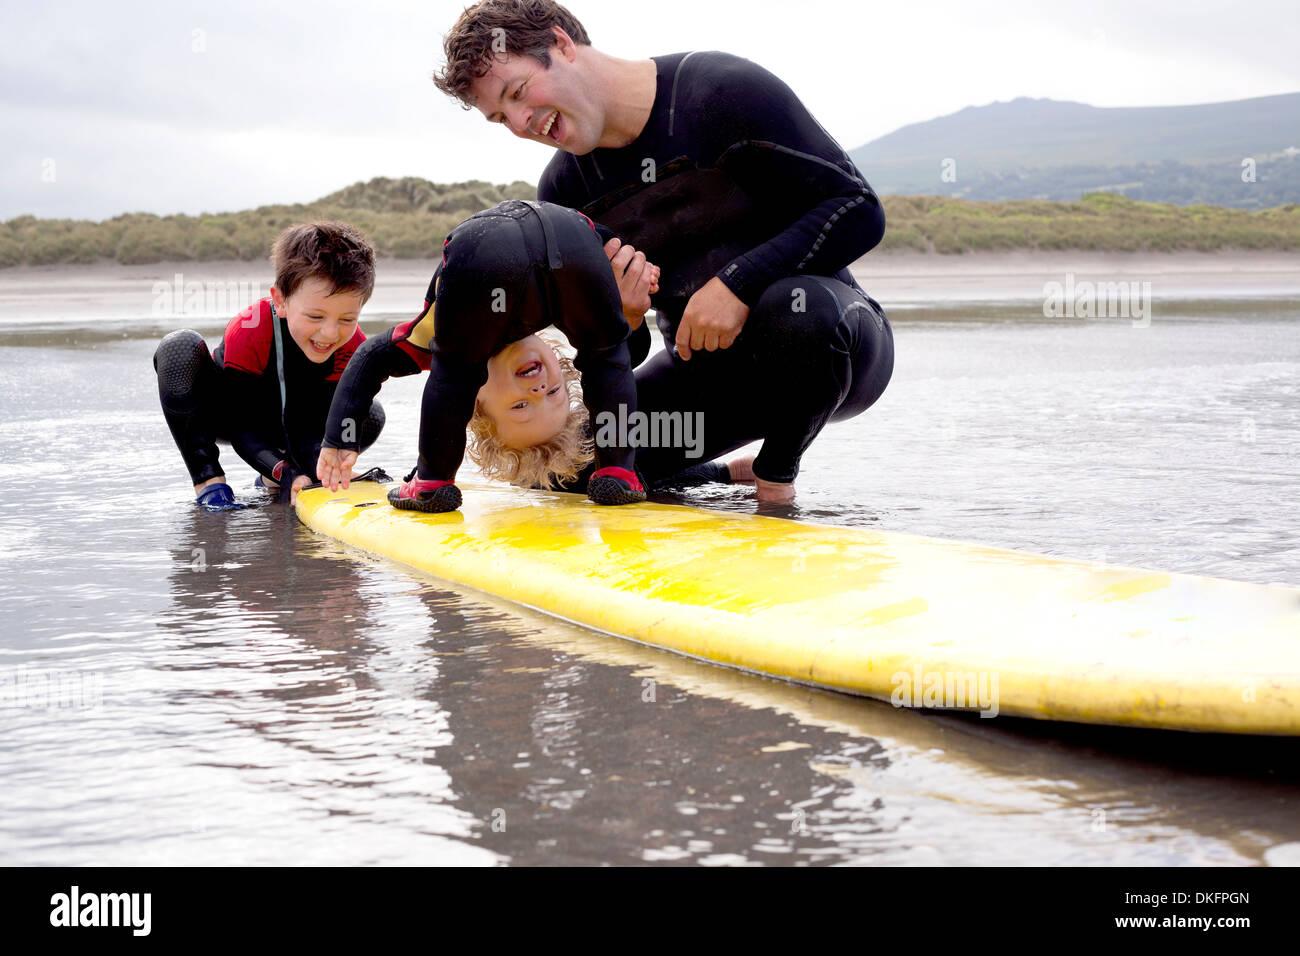 Padre e hijos jugando con tablas de surf Imagen De Stock